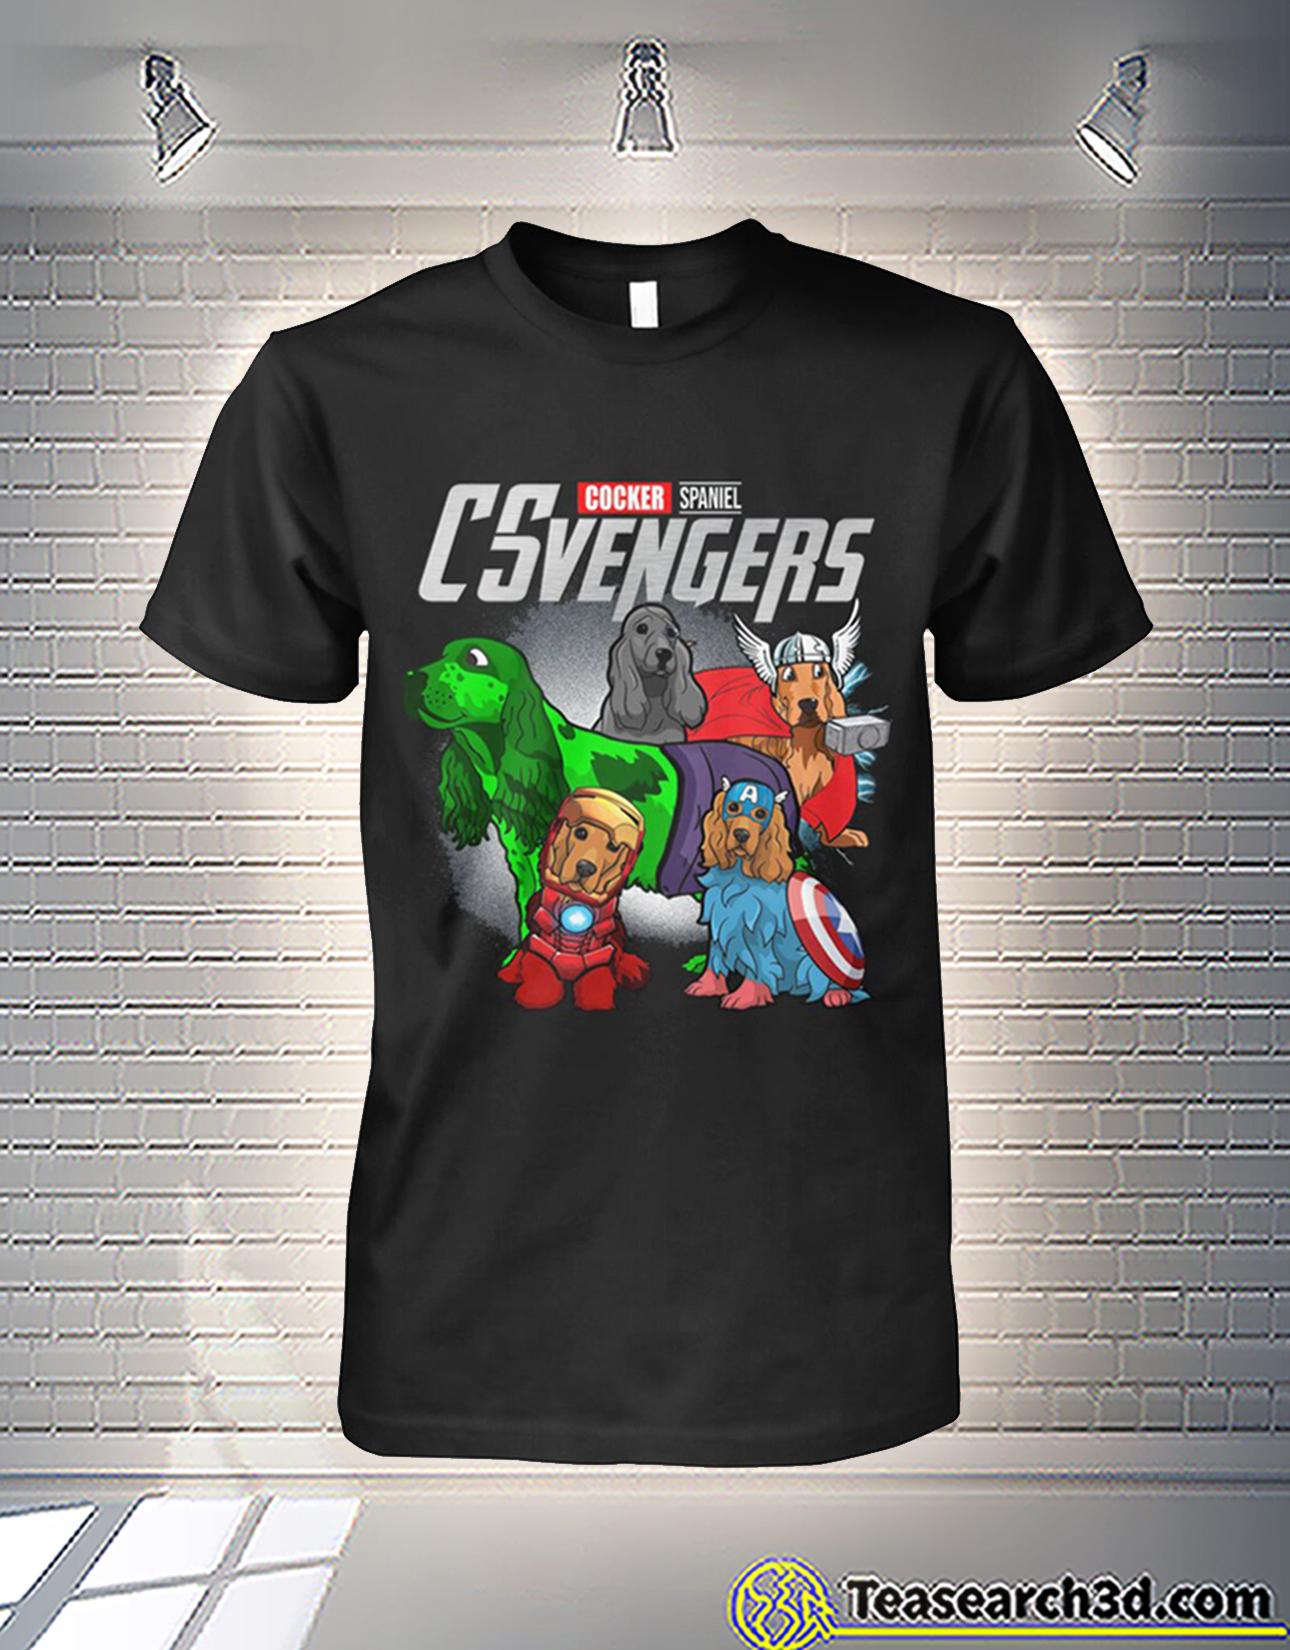 Cocker Spaniel csvengers avengers shirt